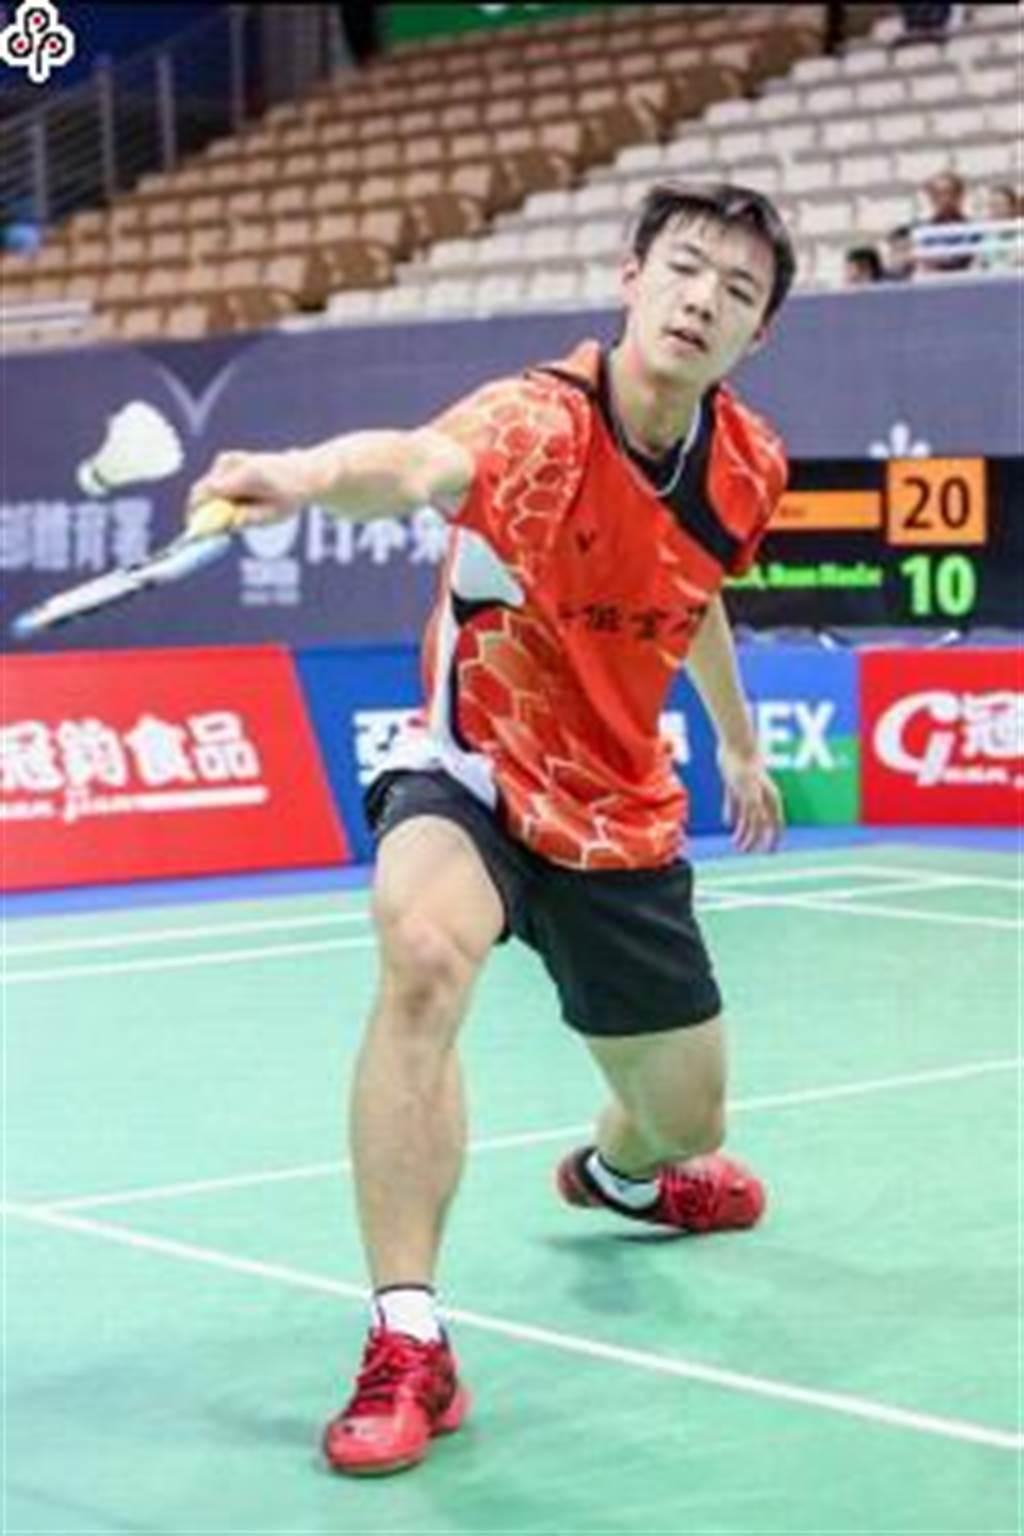 台灣羽球好手王子維,在印尼超級賽男單次輪再爆冷門,直落二扳倒世界排名第六的香港選手伍家朗。(本報資料照)